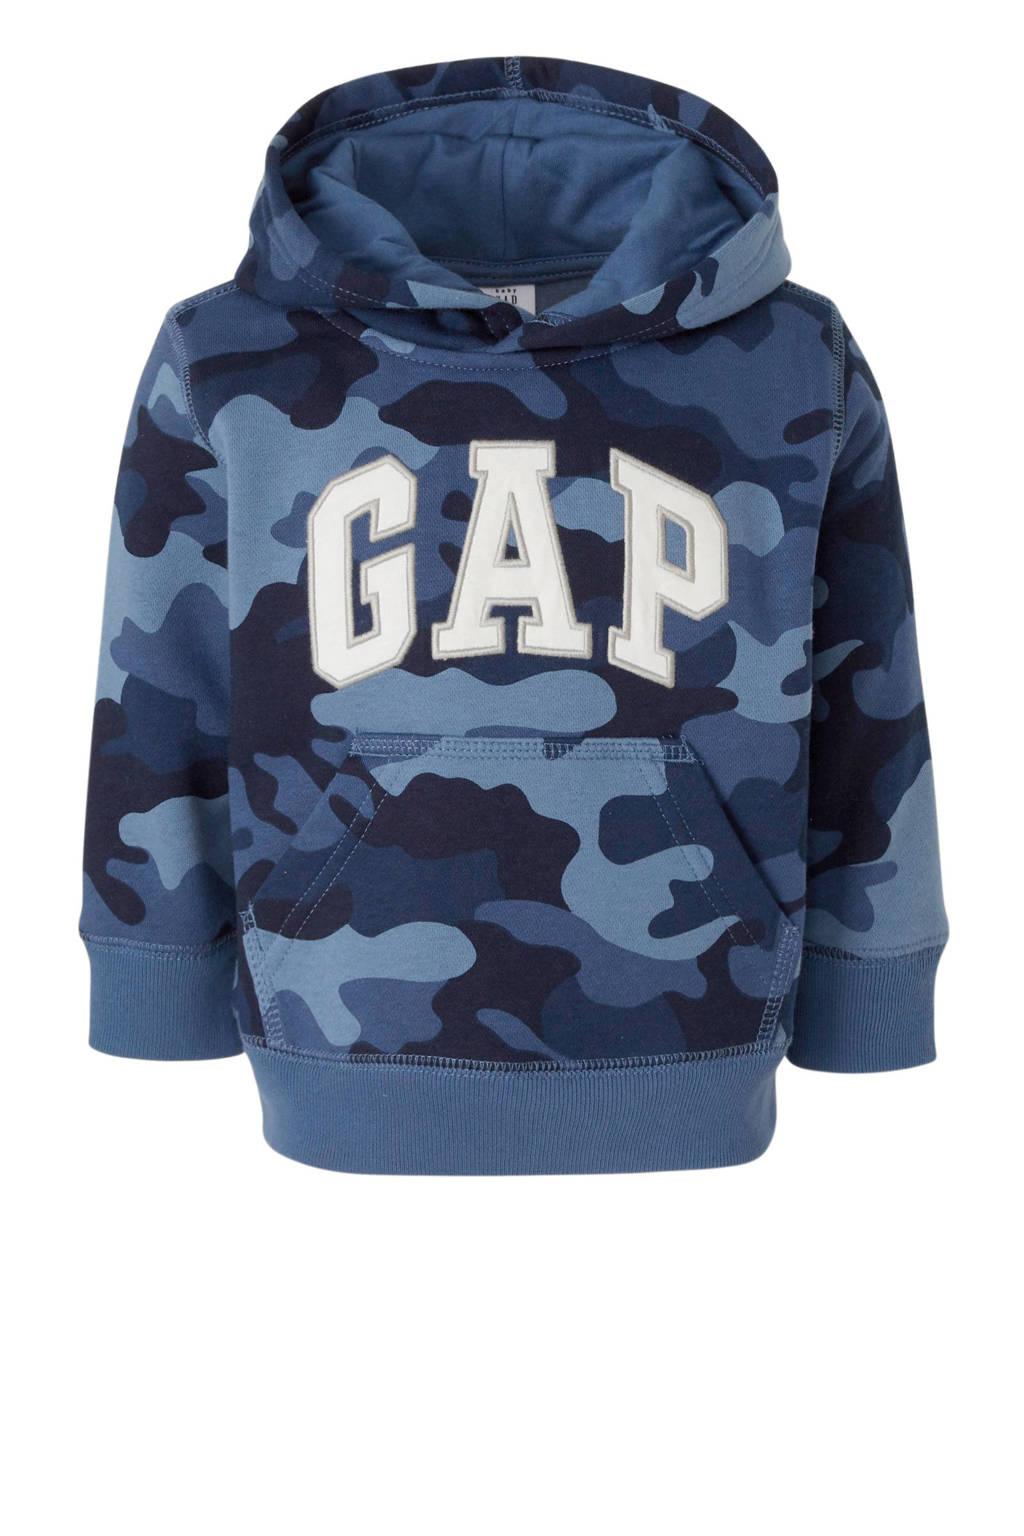 GAP hoodie met camouflageprint en borduursels blauw/wit/grijs, Blauw/wit/grijs